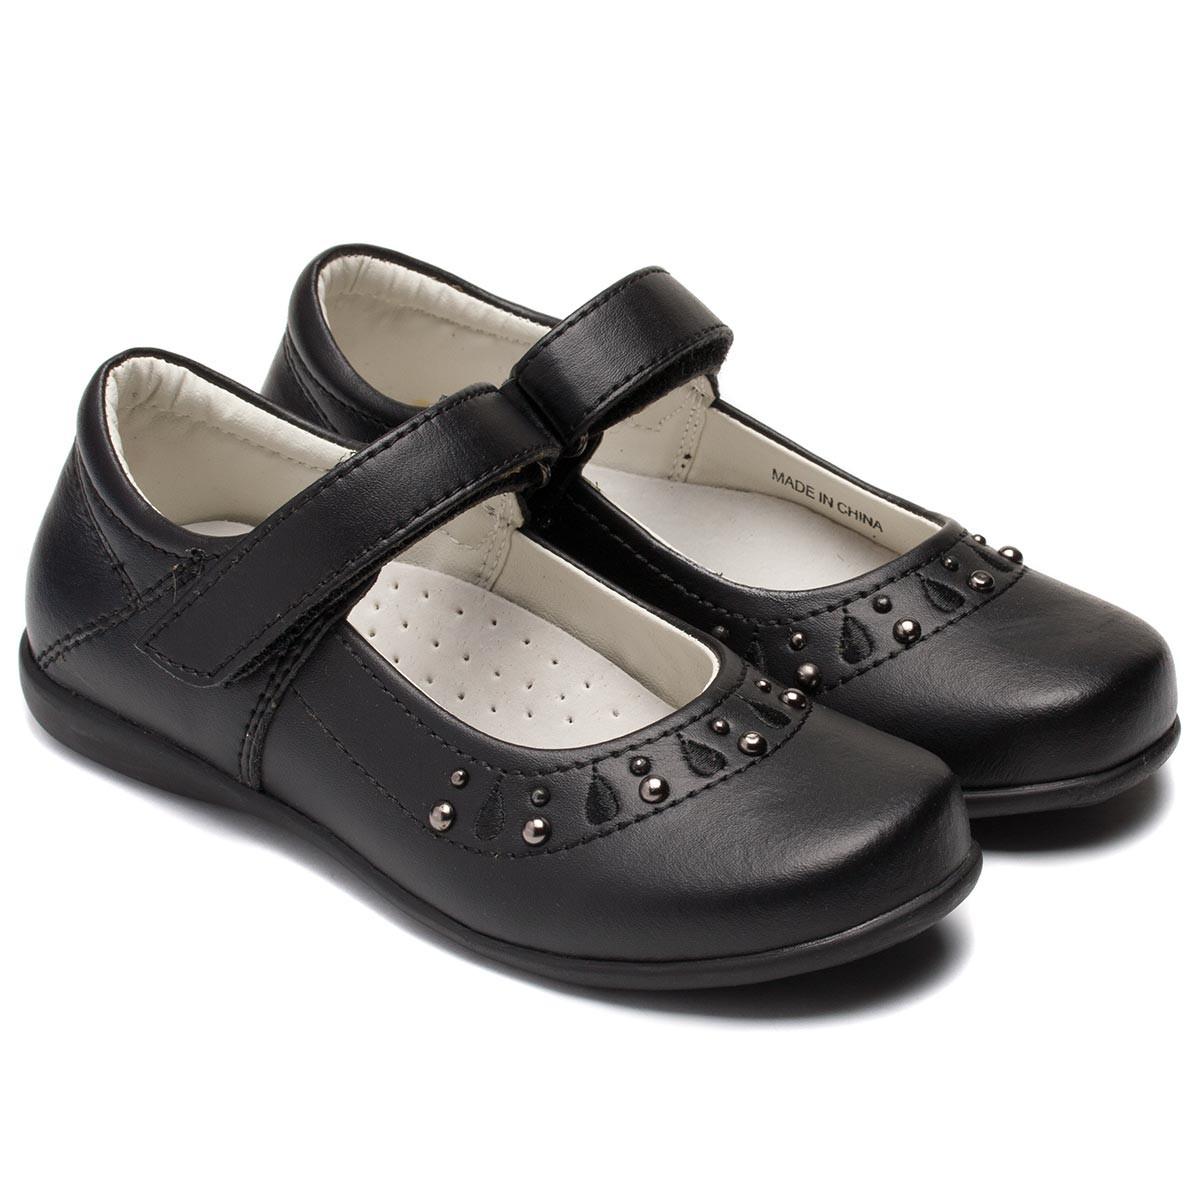 Кожаные туфли Energjy для девочек, черные на липучке, размер 28-36